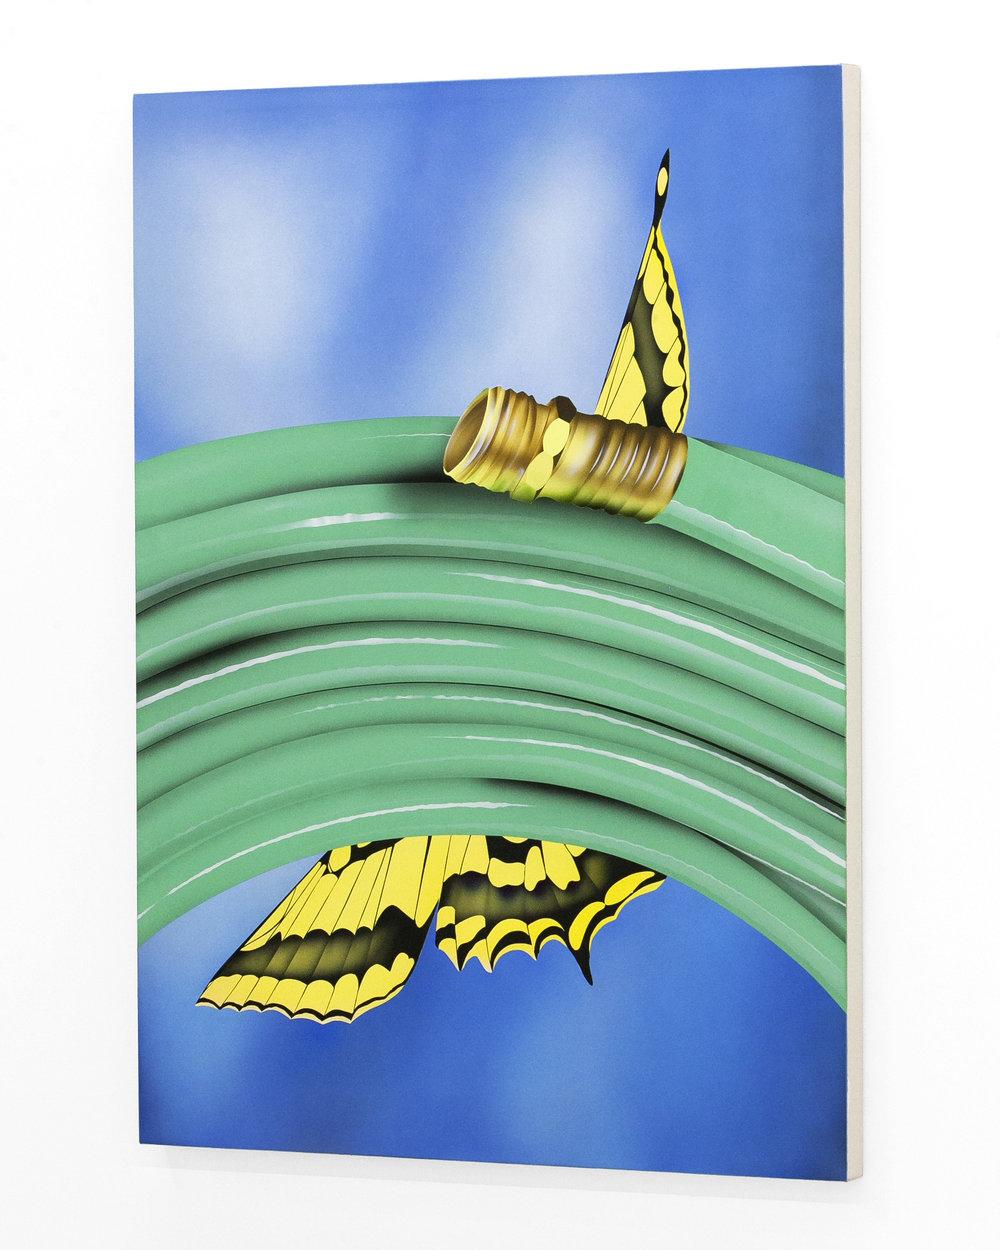 aej_butterflyhose_canvas_4.jpg